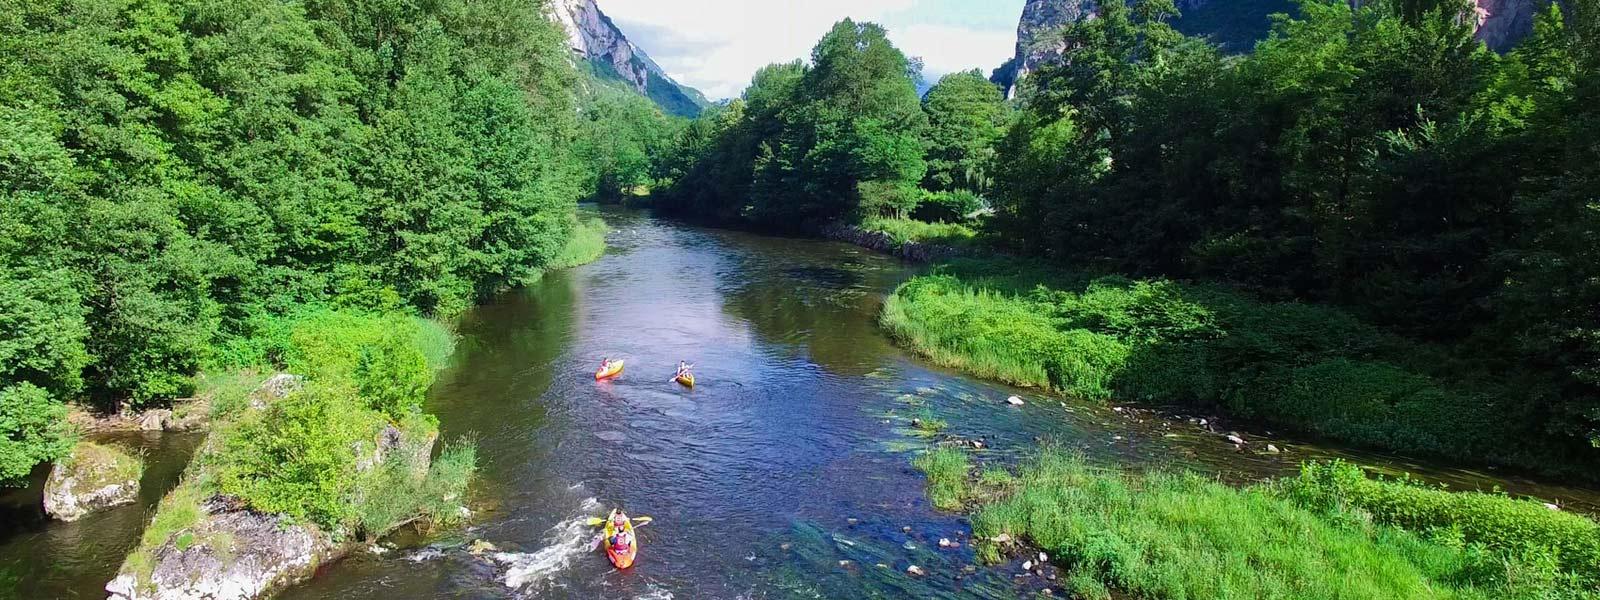 Location de canoë et kayak sur l'Ariège